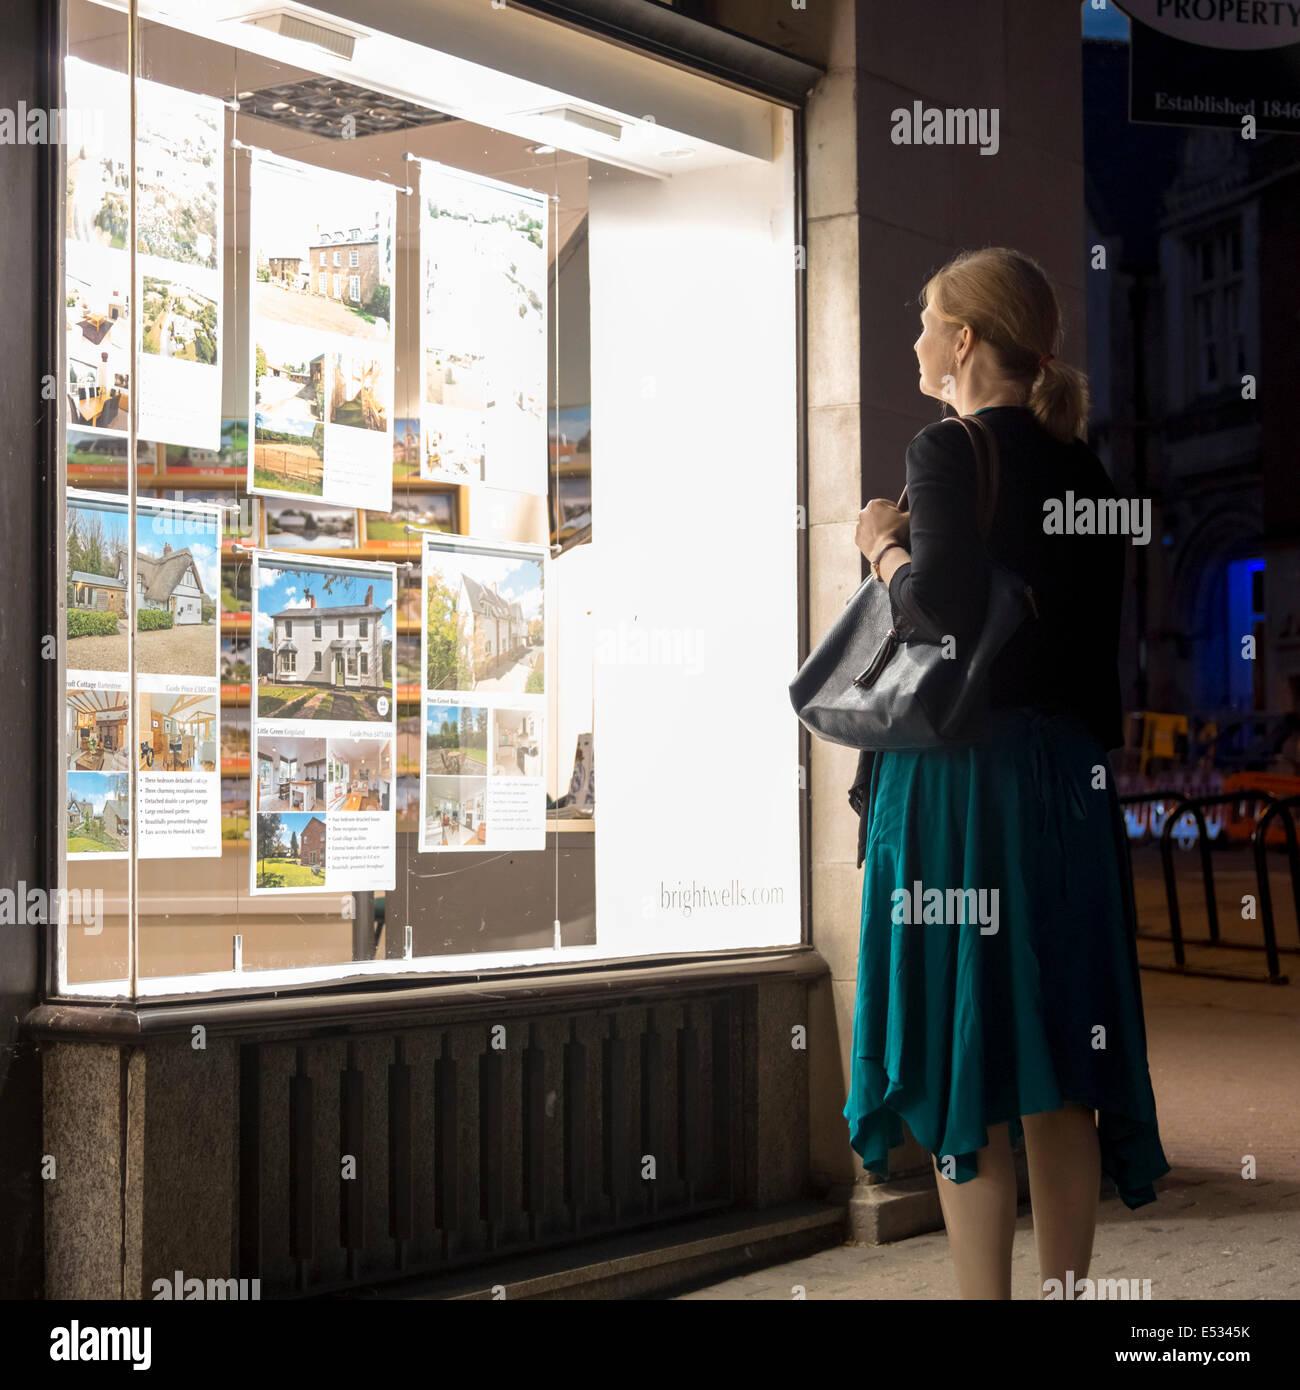 Frau, die in einem Makler-Fenster in der Nacht, UK. Stockbild